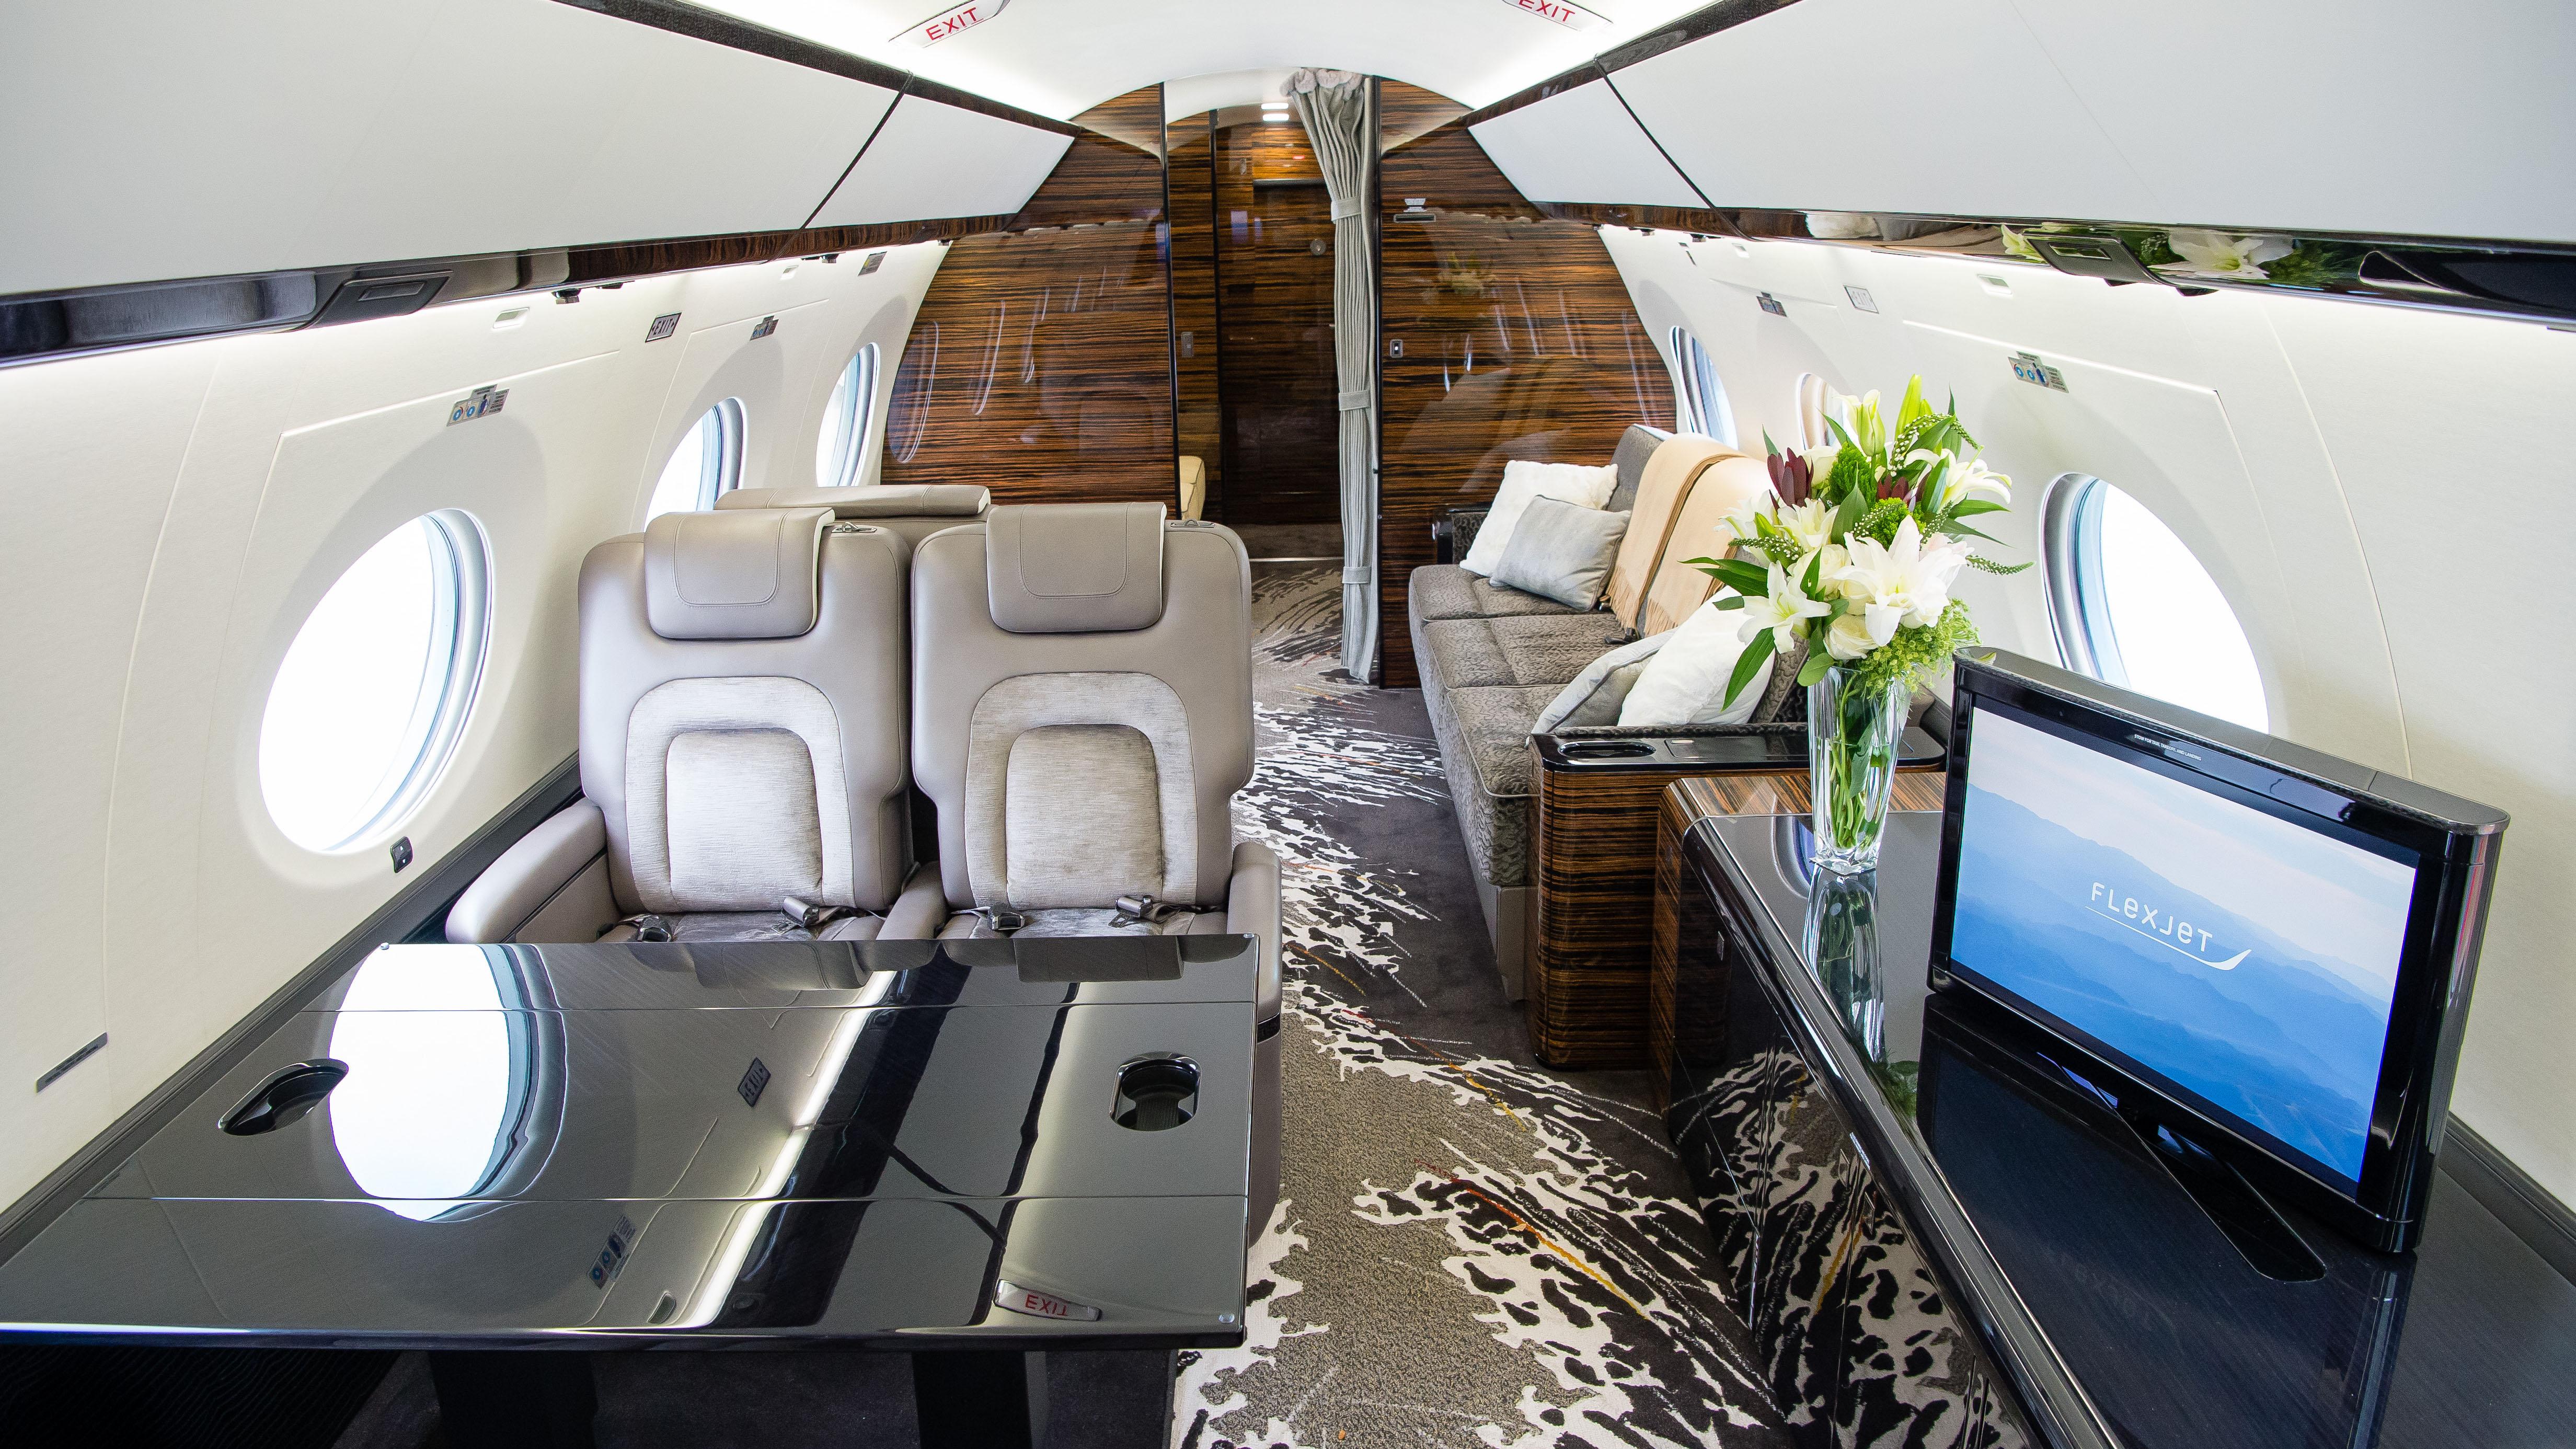 Flexjet Bombardier Challenger Gulfstream Learjet aircraft